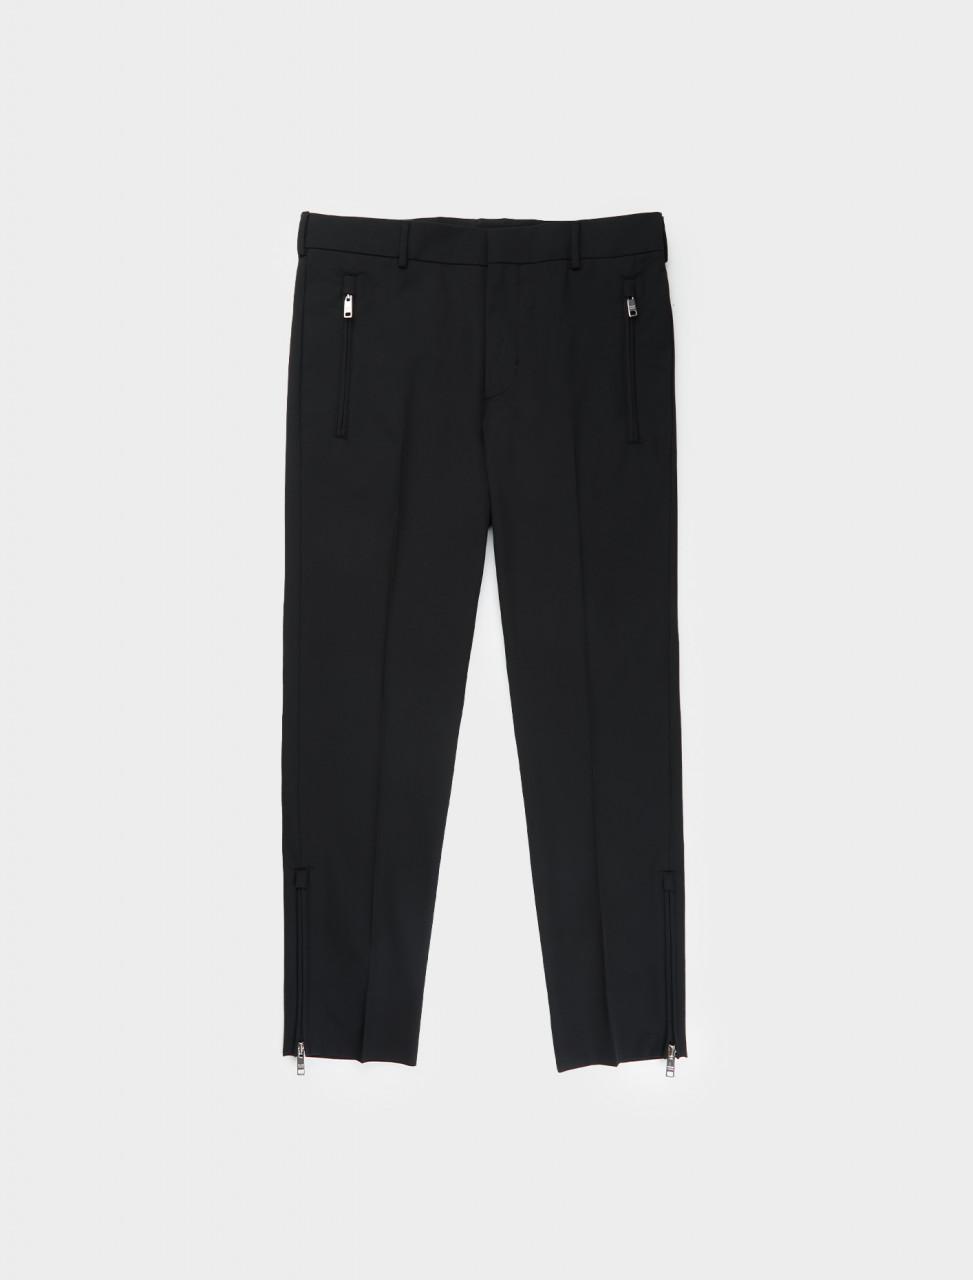 242-SPG76-G39-F0002 Prada Technical Fabric Stretch Trouser in Black